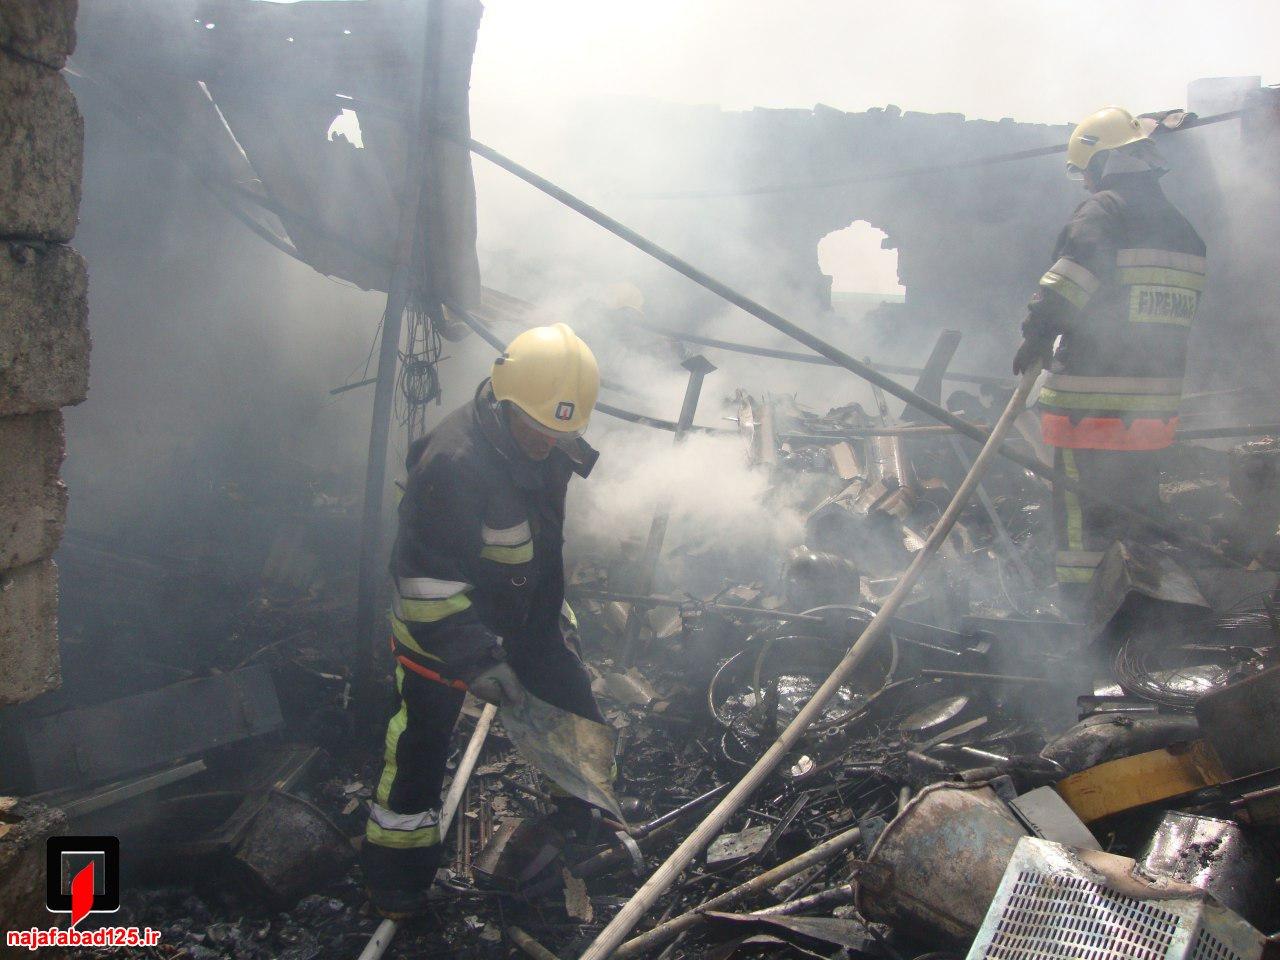 آتش سوزی انبار ضایعات در نجف آباد+تصاویر